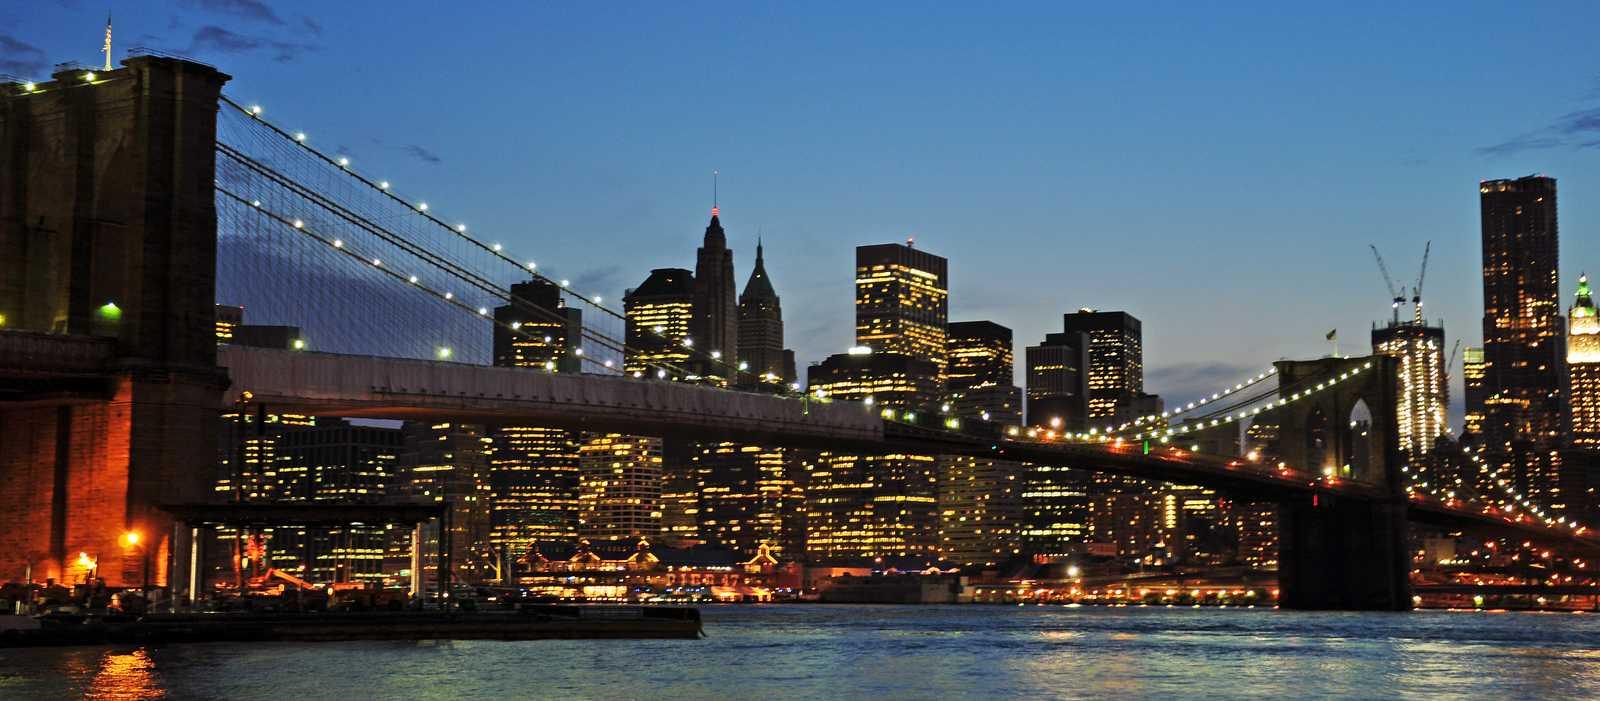 Blick auf Manhattans Skyline vom Brooklyn Bridge Park aus, unterhalb der Brücke